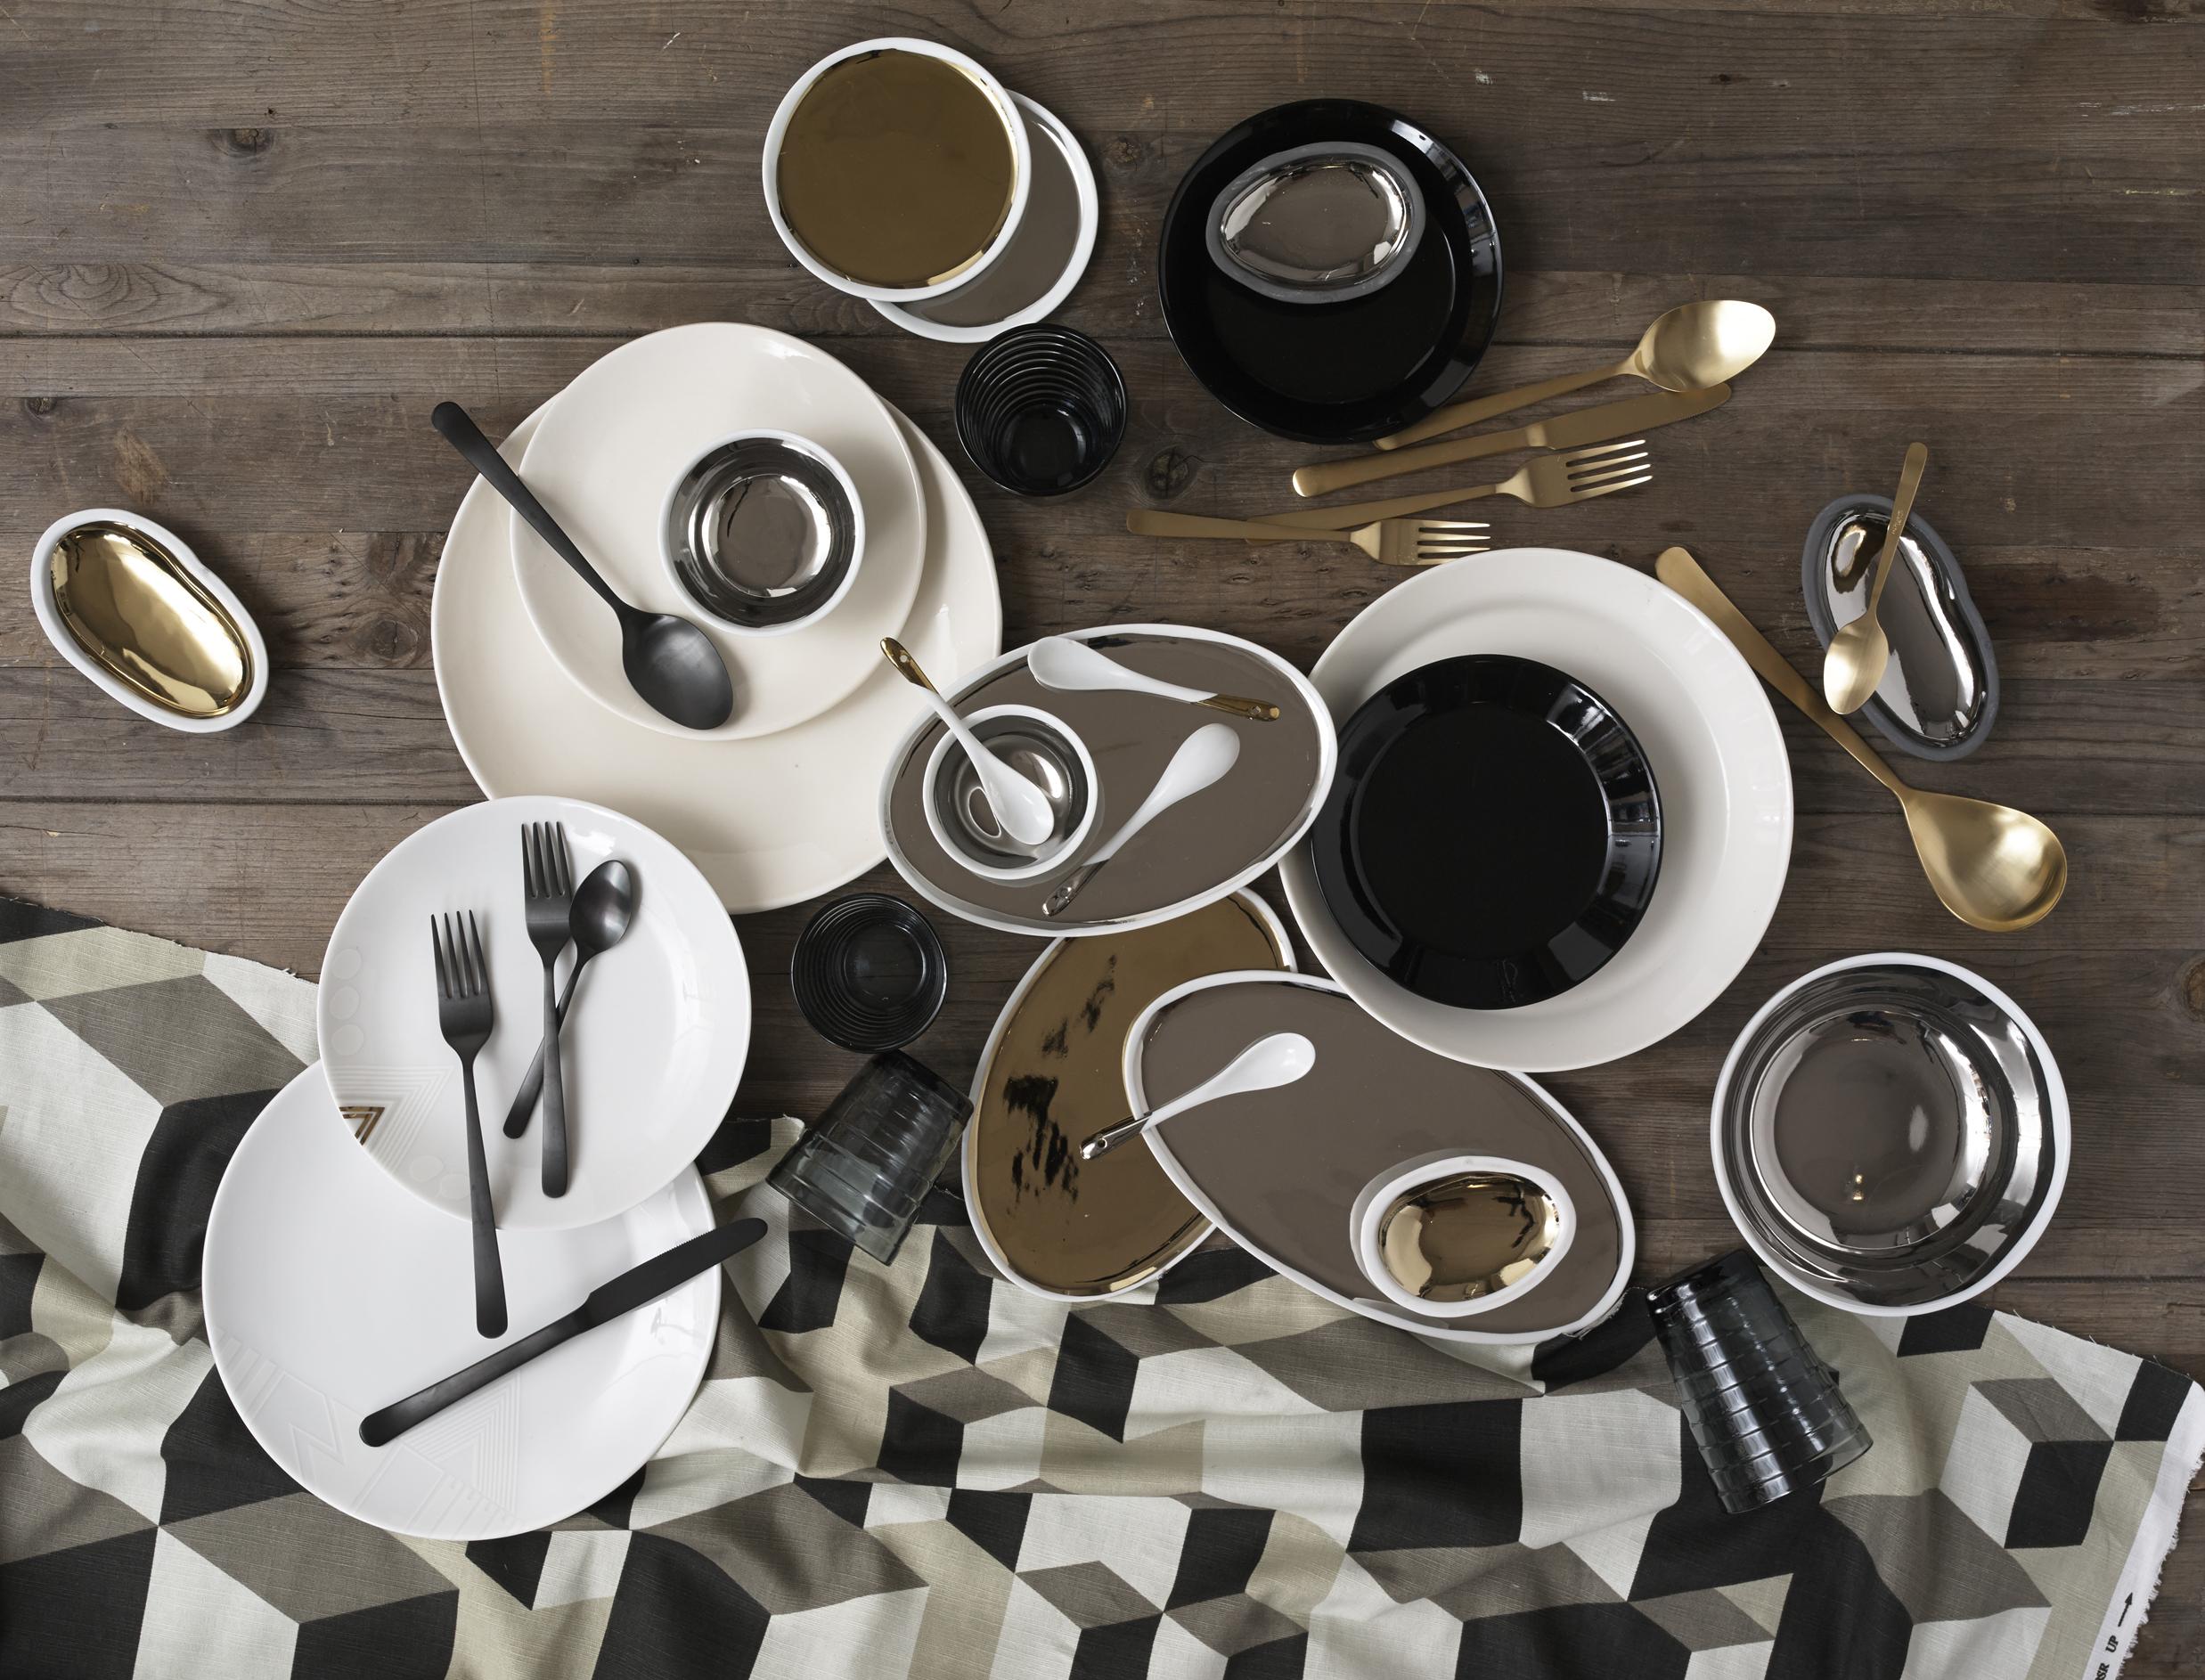 Table wear .jpg